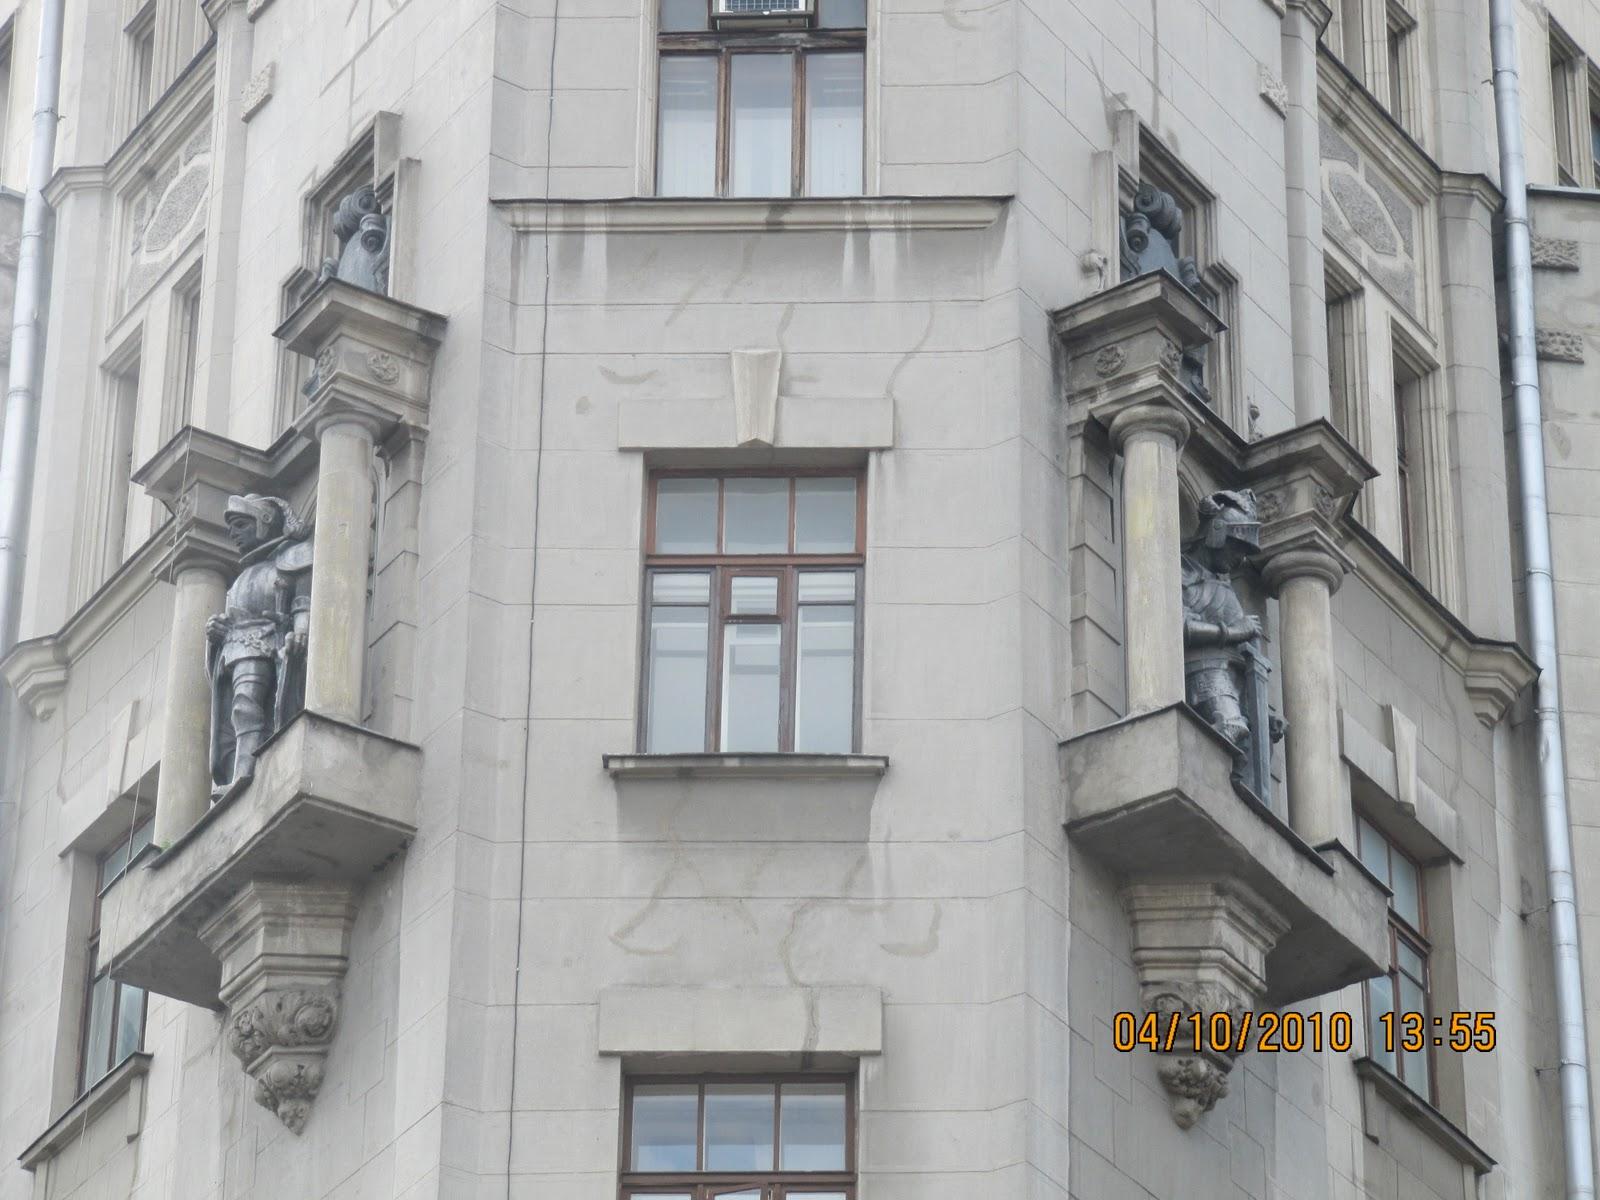 Binaların ayrıntıları çok güzel ilgileniyorsanız resmin